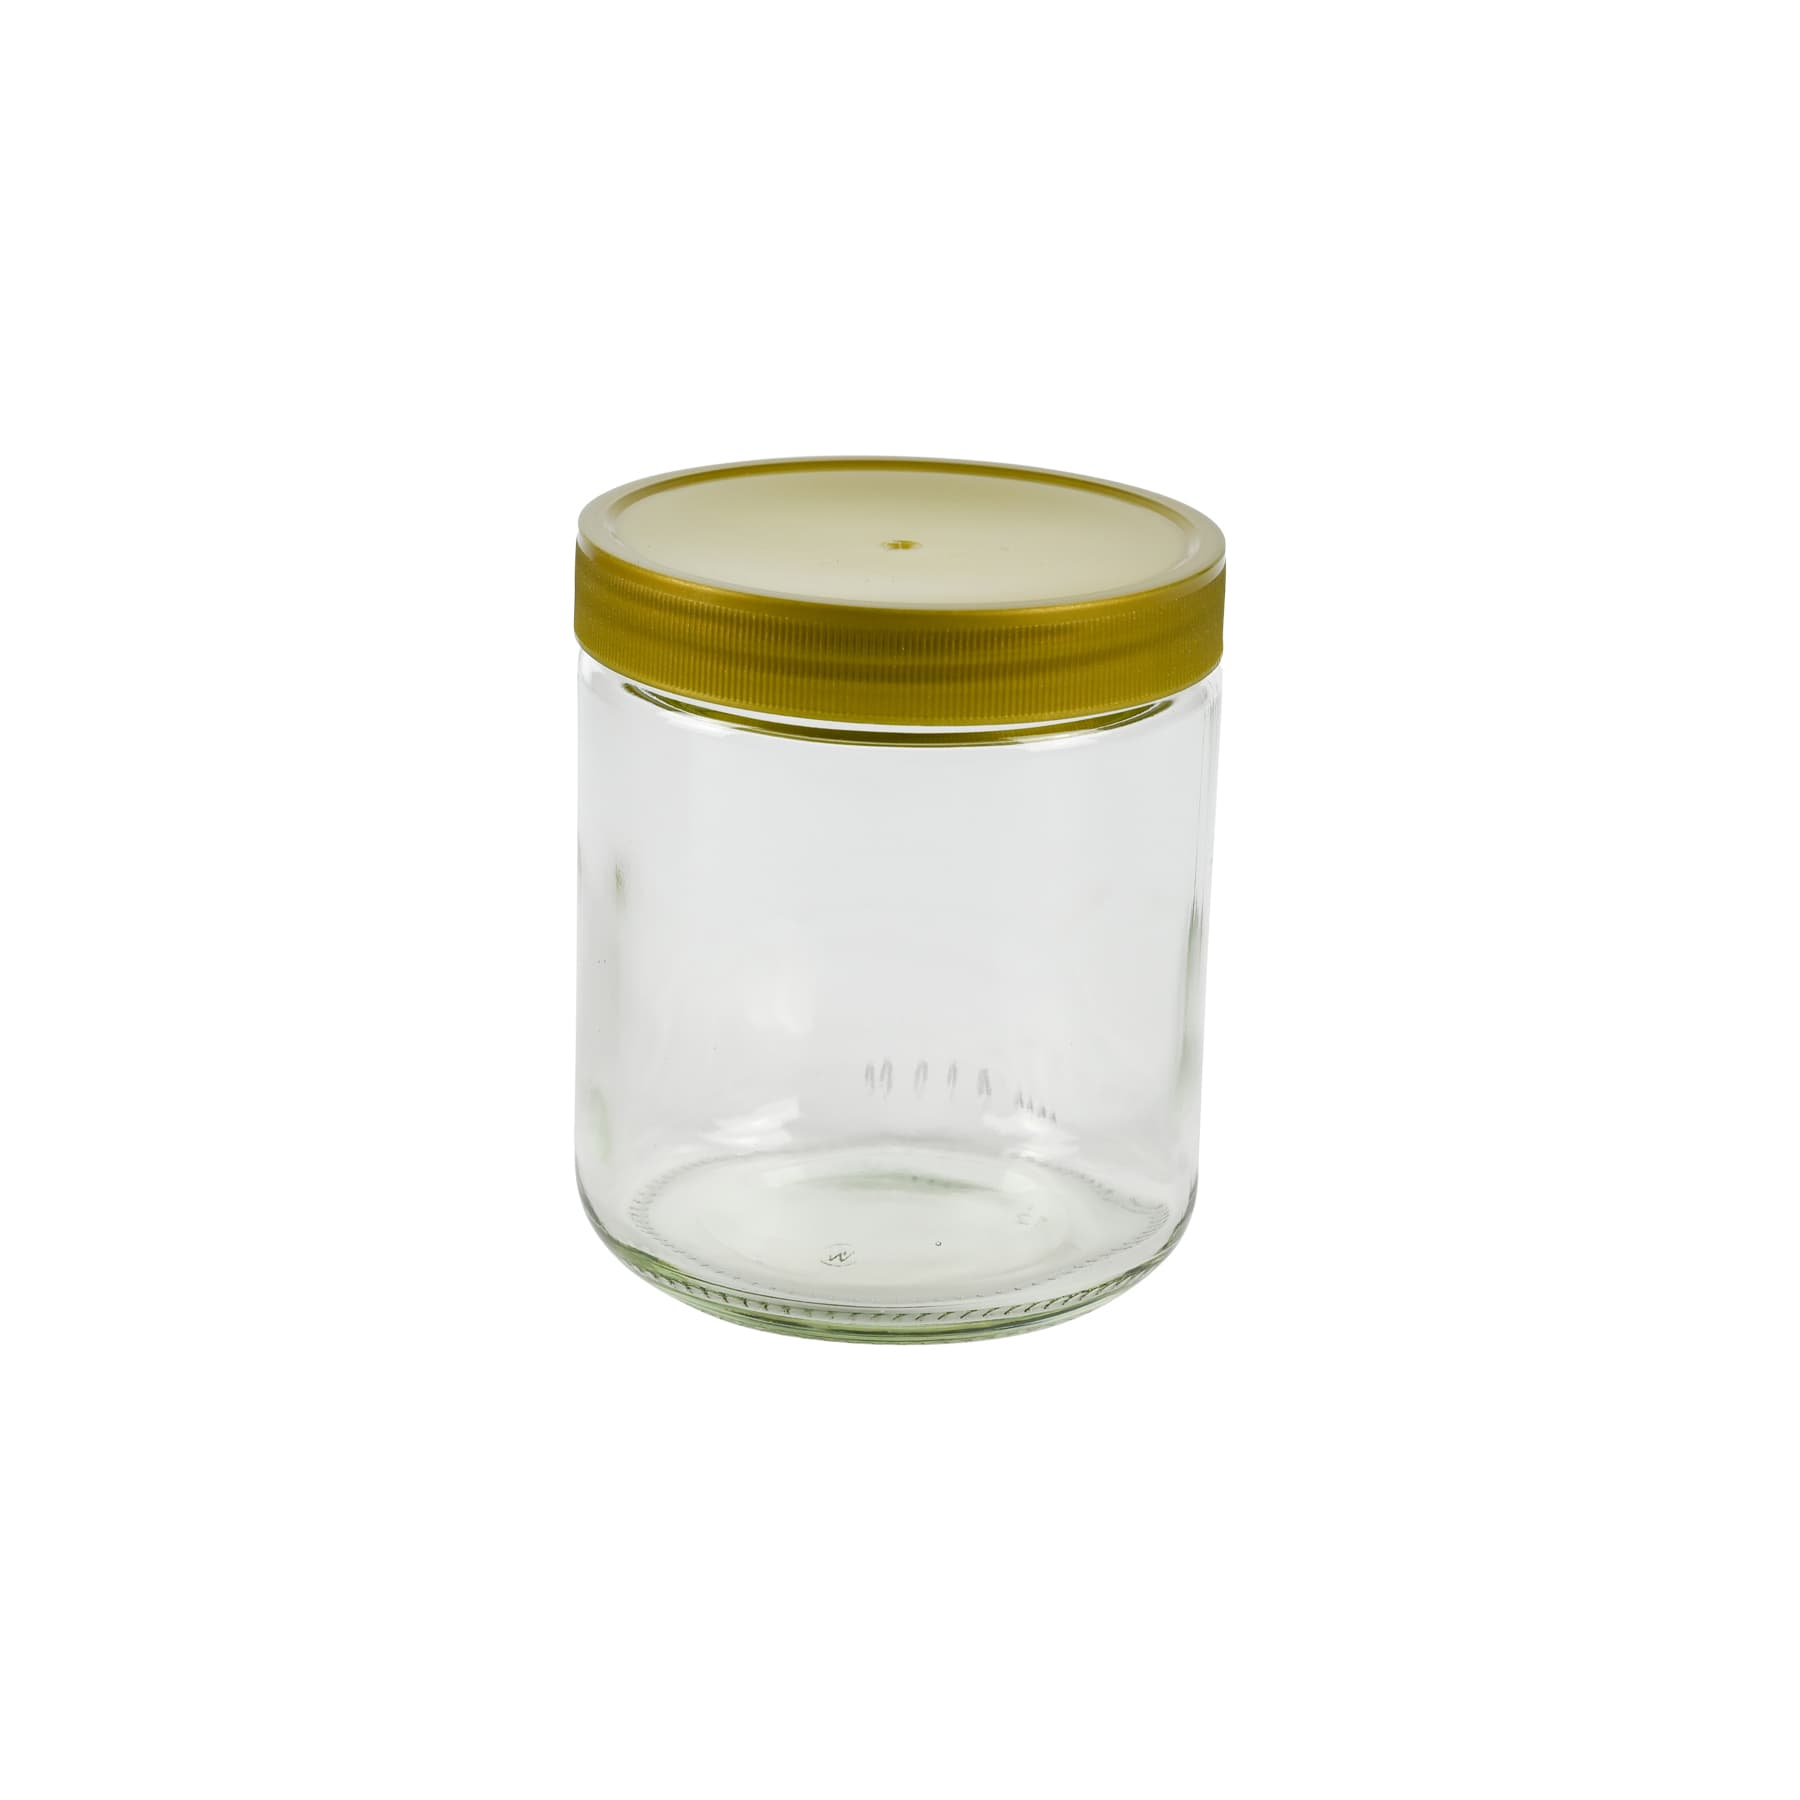 Rundglas 500 g mit 80 mm Kunststoff- Deckel im Karton, 1/2 Palette: 1200 Stück, bundesweit frei Haus